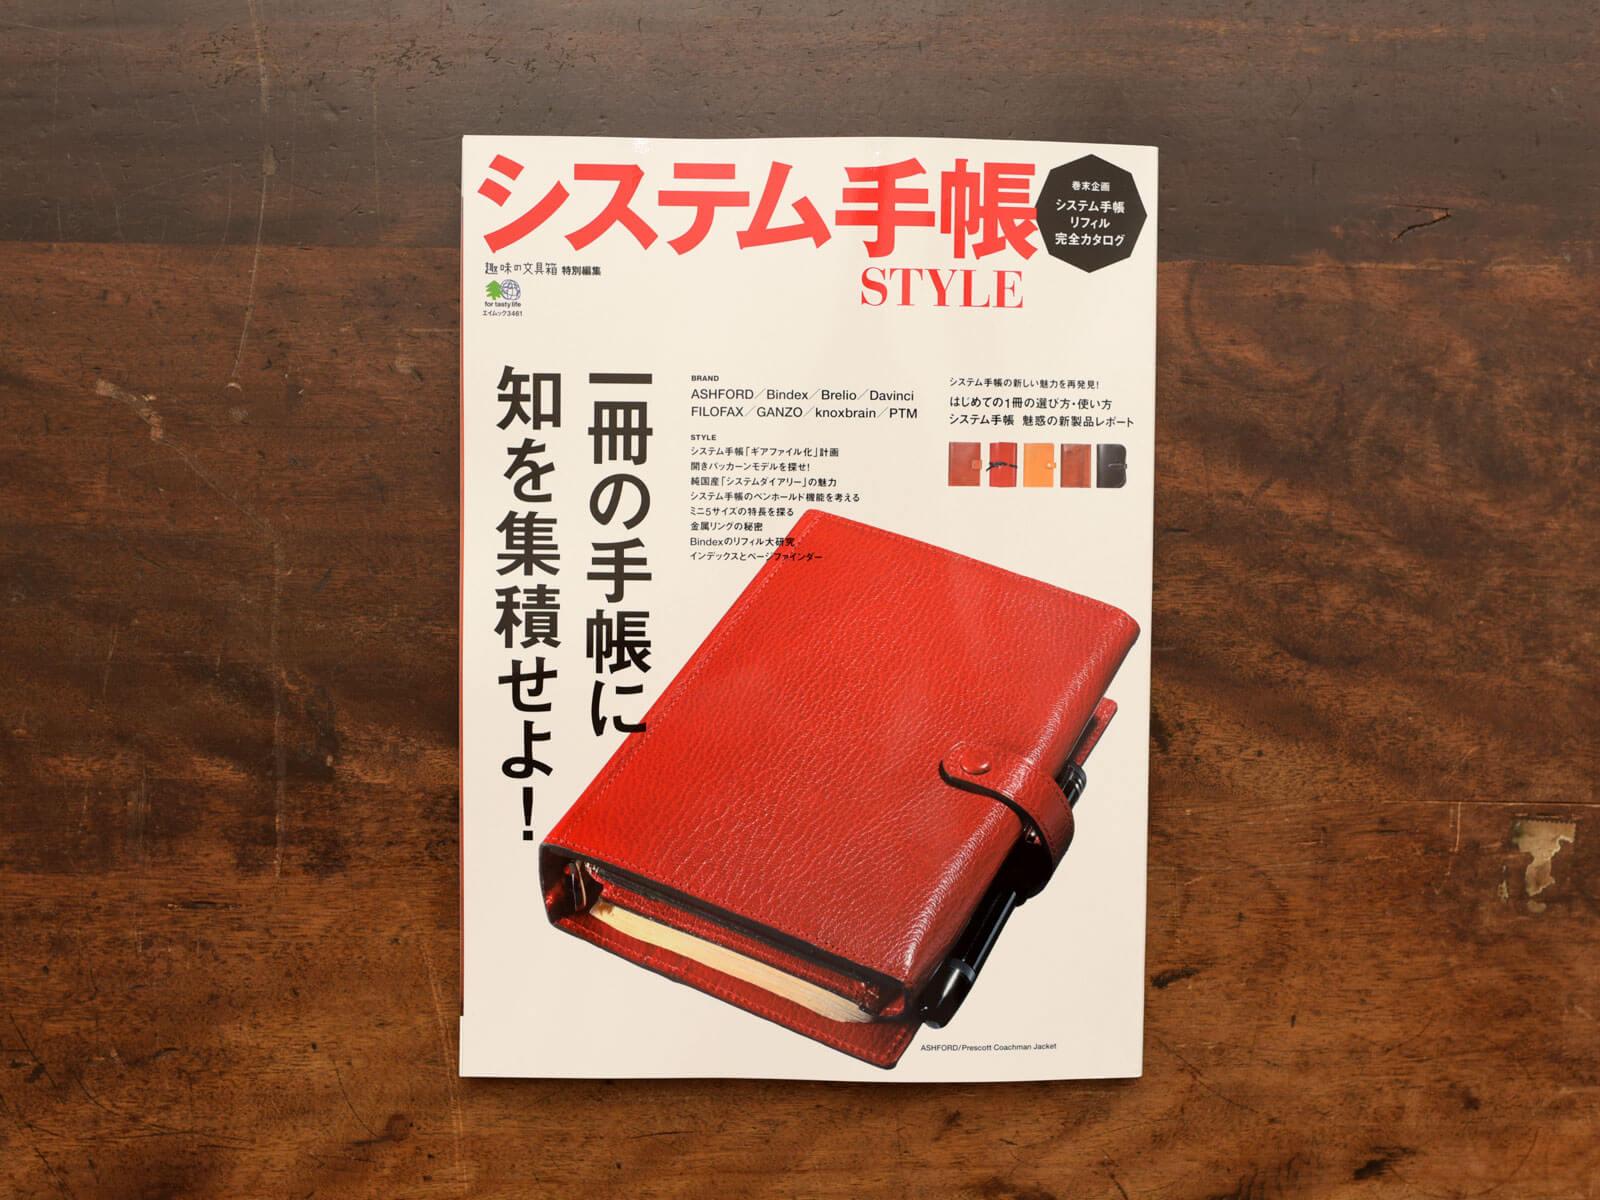 雑誌掲載のお知らせ「システム手帳 STYLE」